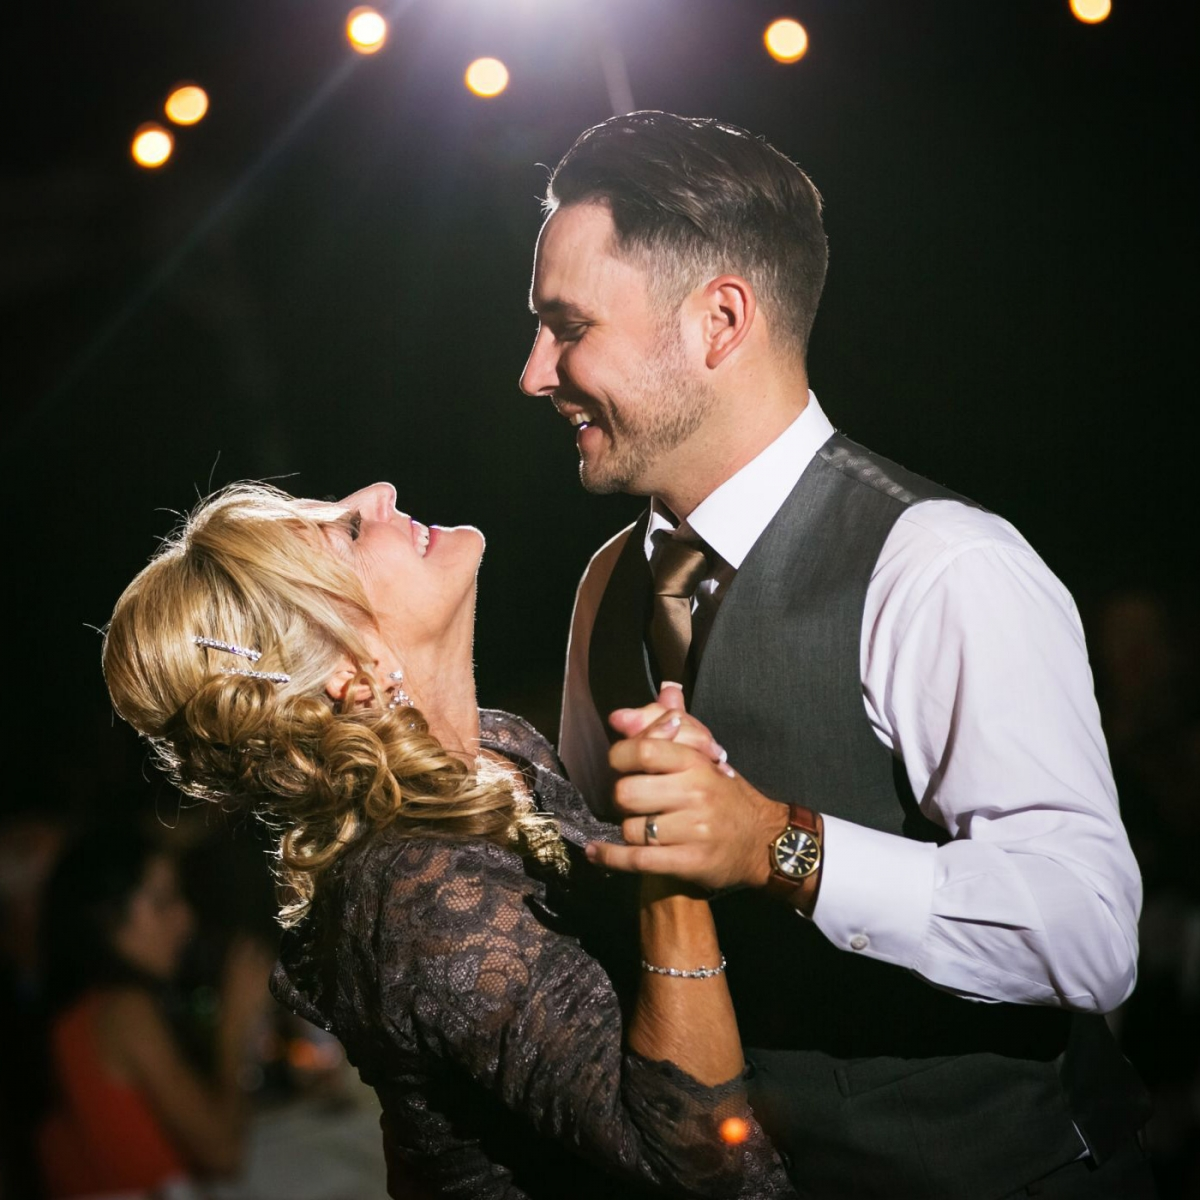 Музыка на свадьбу: танцы жениха и невесты с родителями